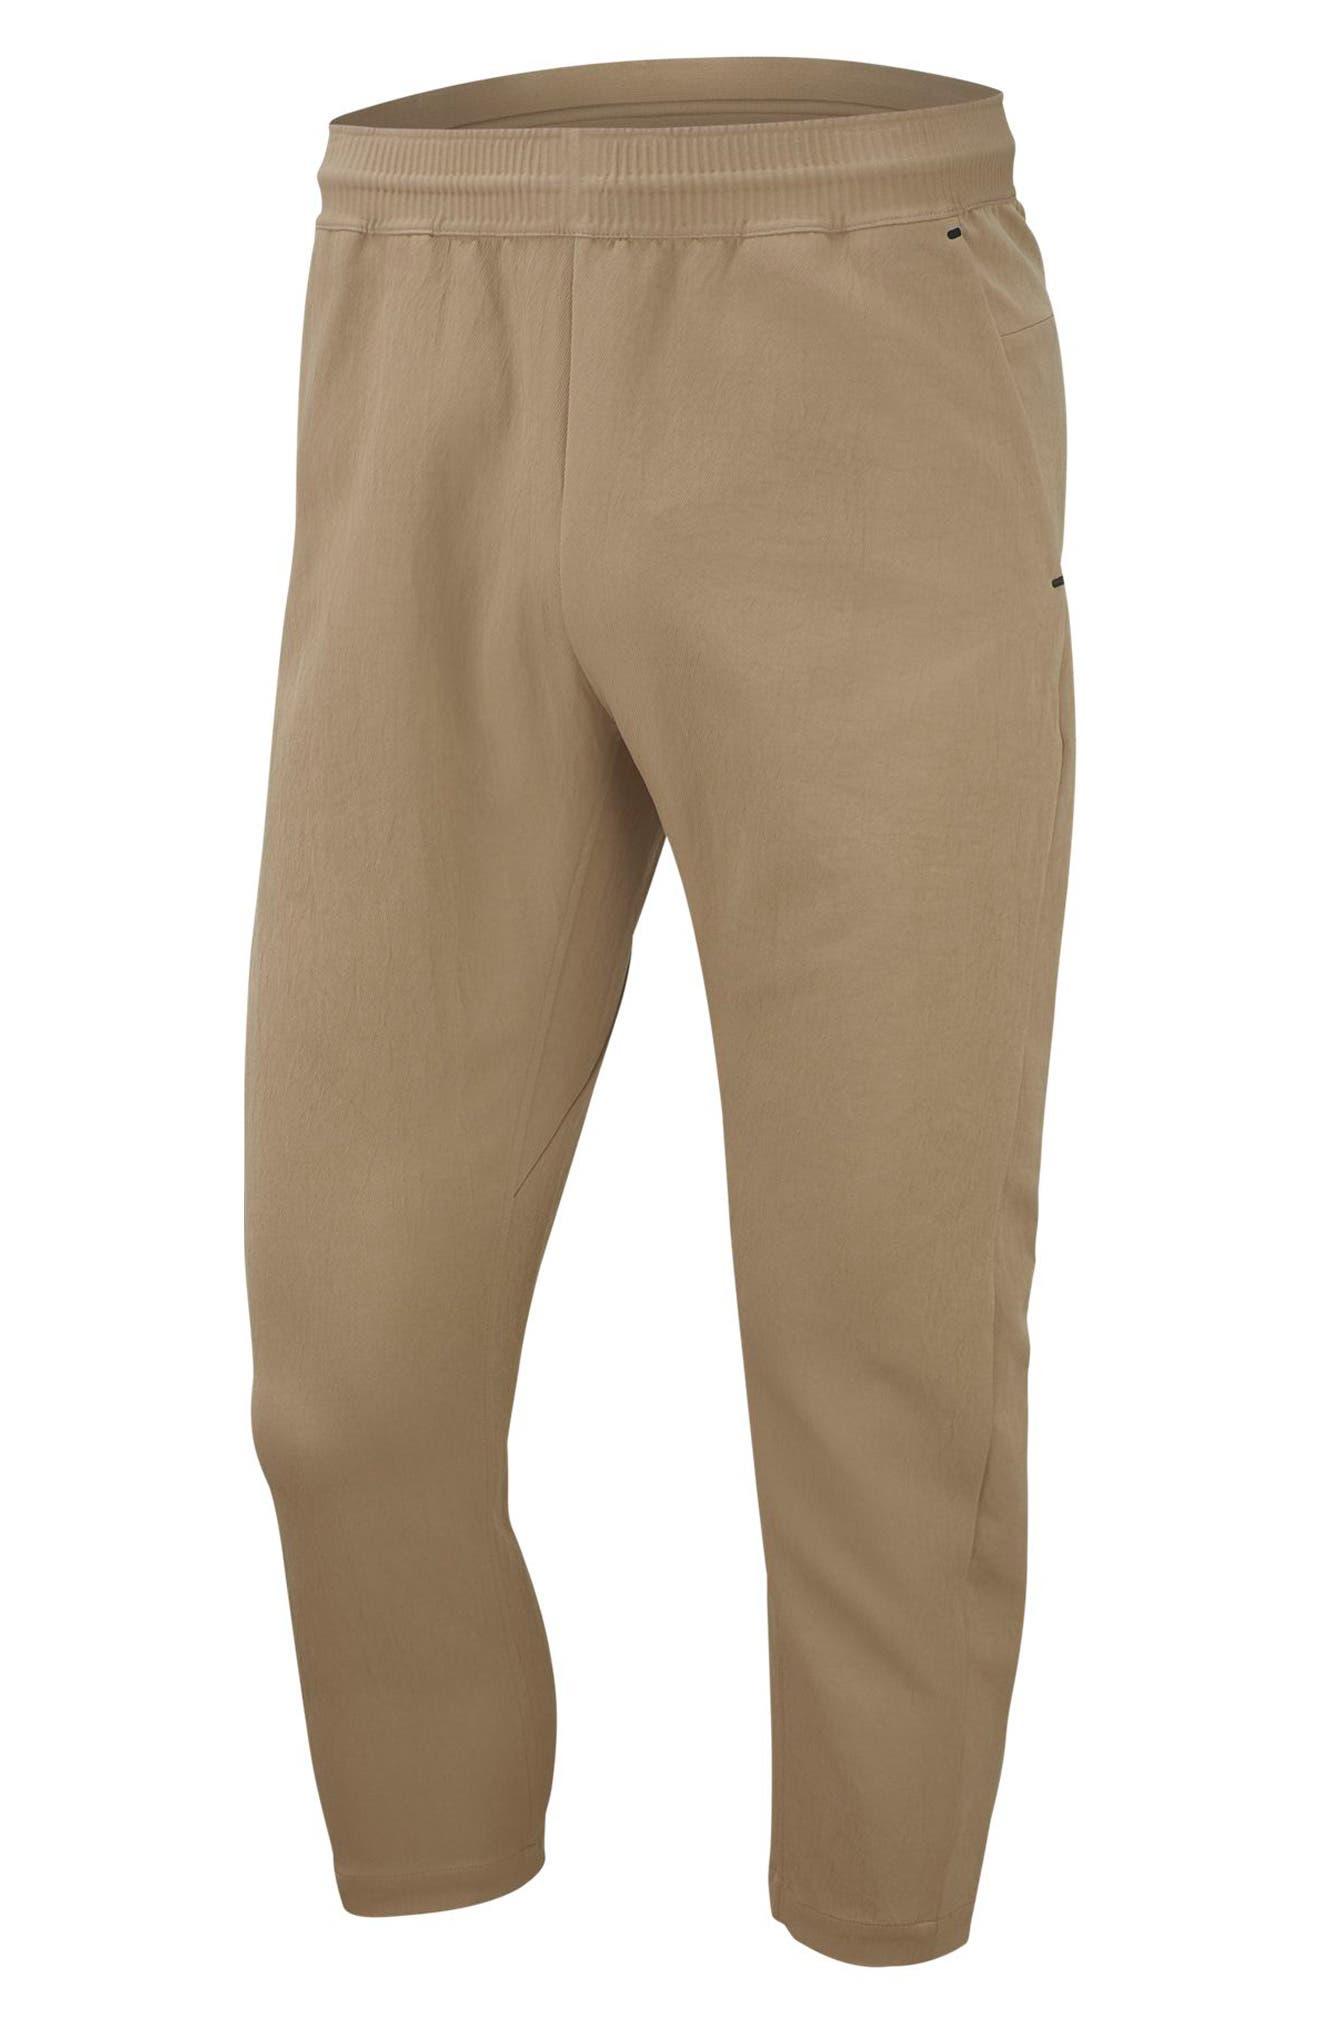 NIKE, Sportswear Tech Pack Men's Crop Woven Pants, Alternate thumbnail 6, color, KHAKI/ KHAKI/ BLACK